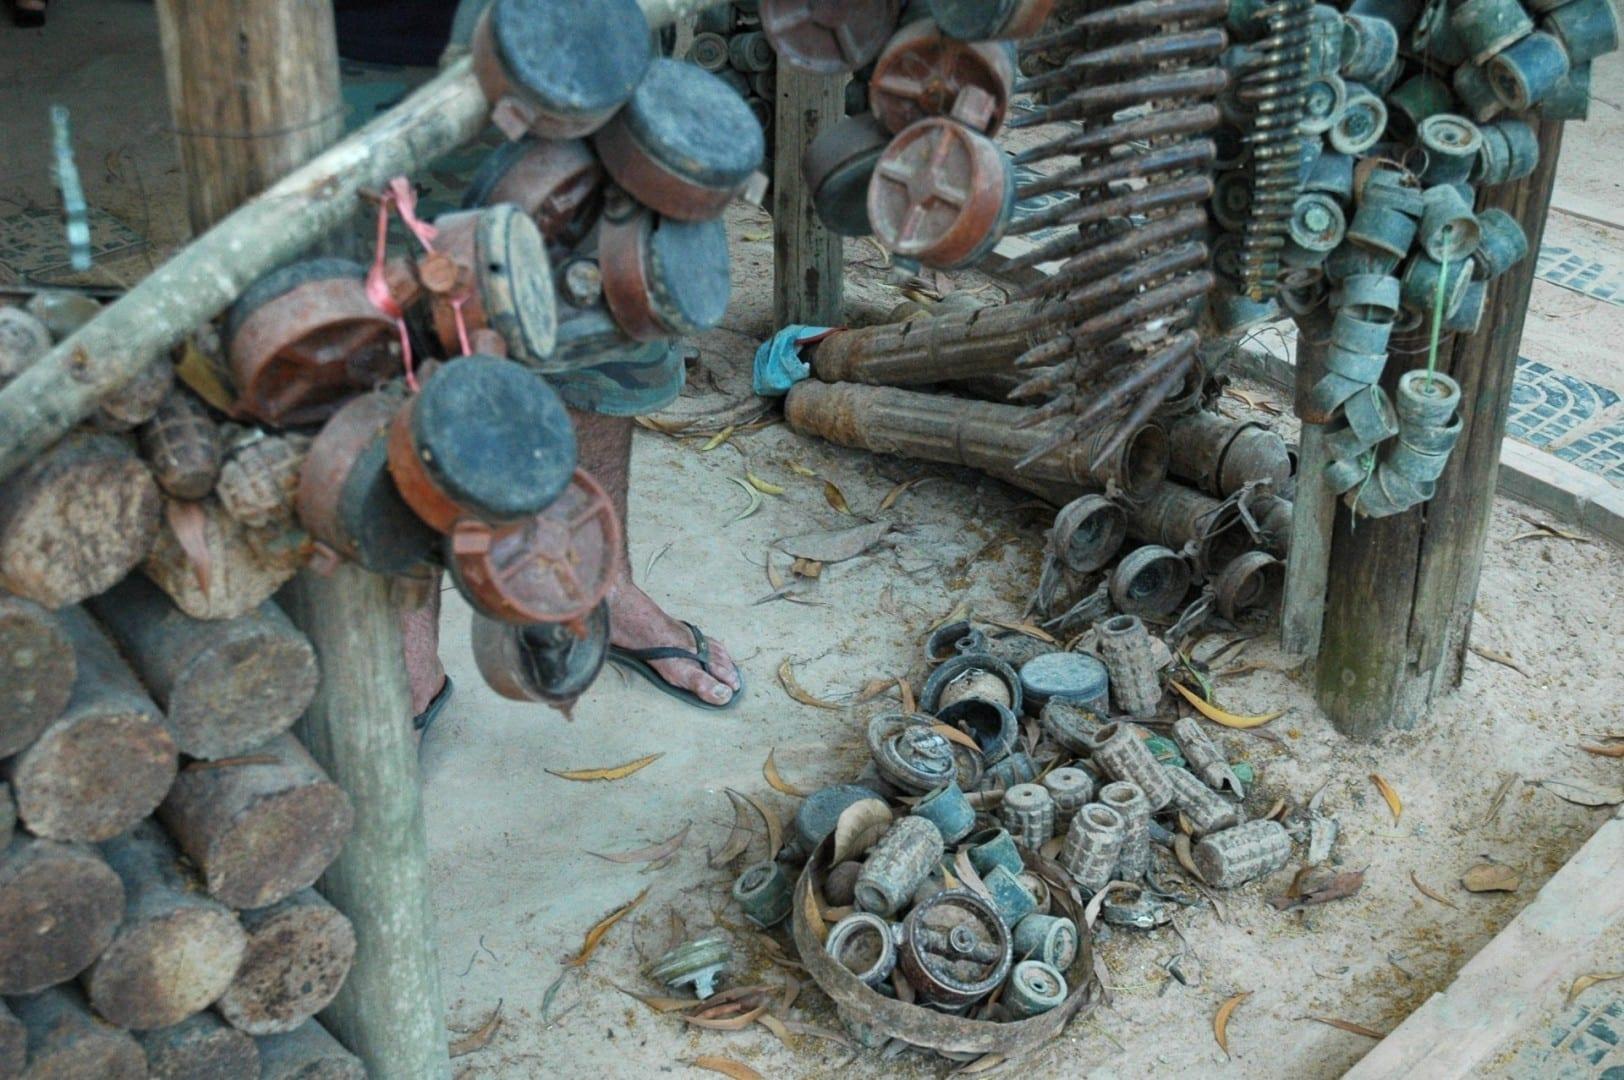 Pilas de minas, Museo de Minas Terrestres Siem Reap Camboya